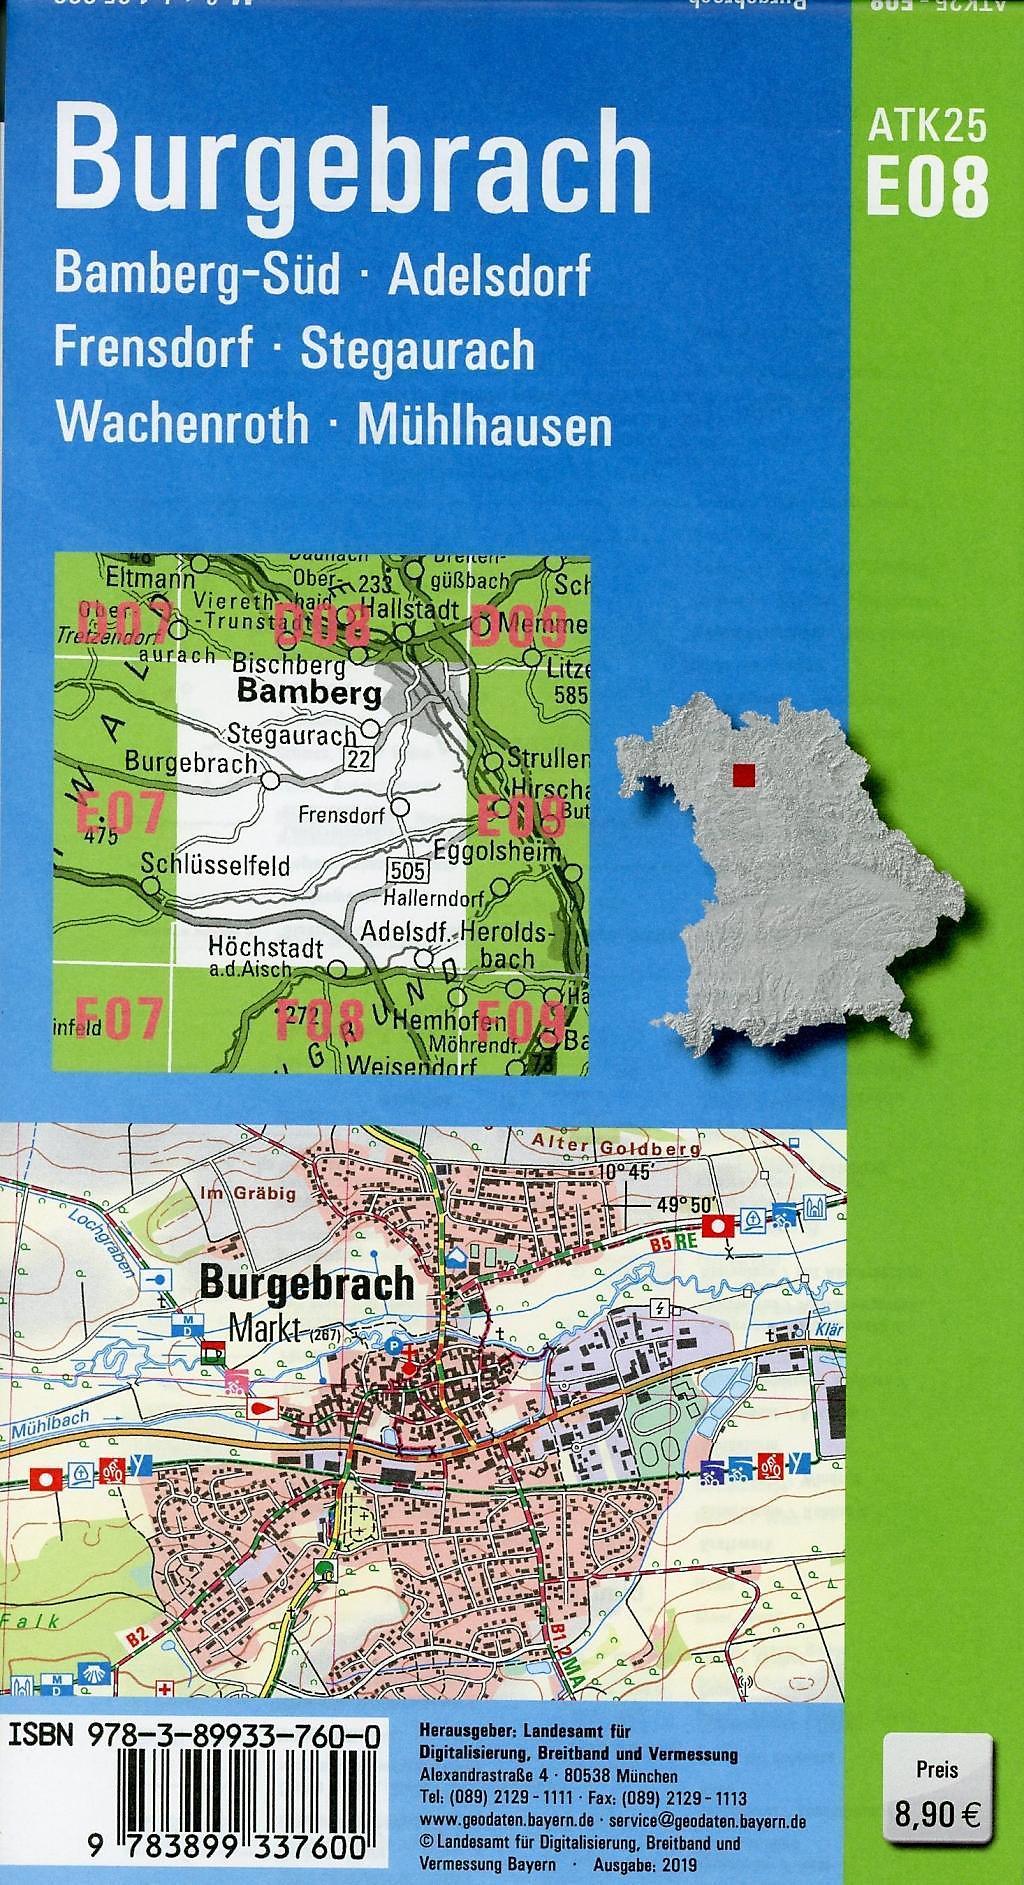 Topographische Karte Bayern.Amtliche Topographische Karte Bayern Burgebrach Buch Weltbild At